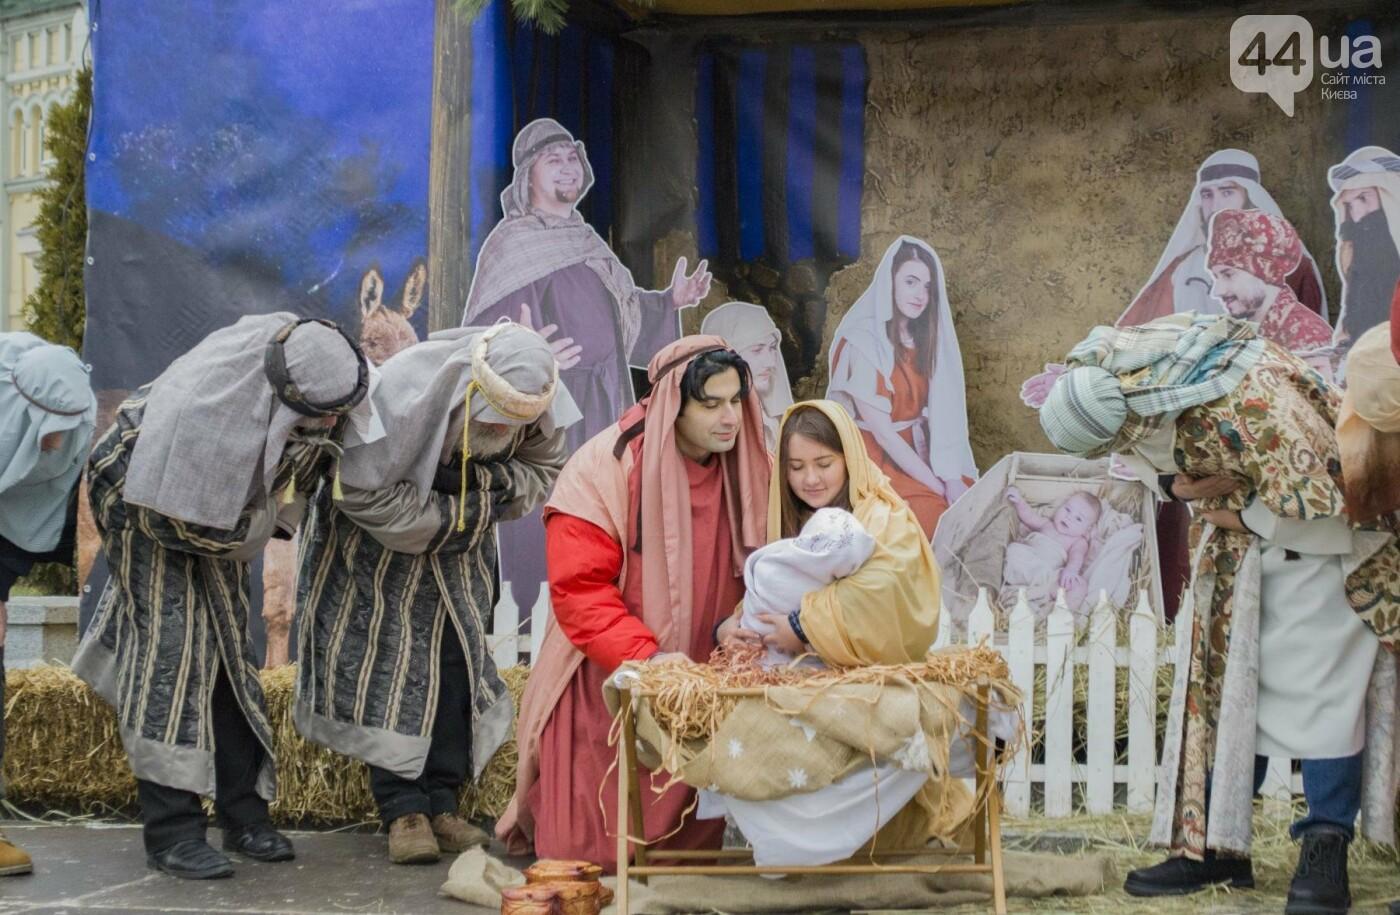 В Киеве прошел первый Рождественский фестиваль, как это было , фото-10